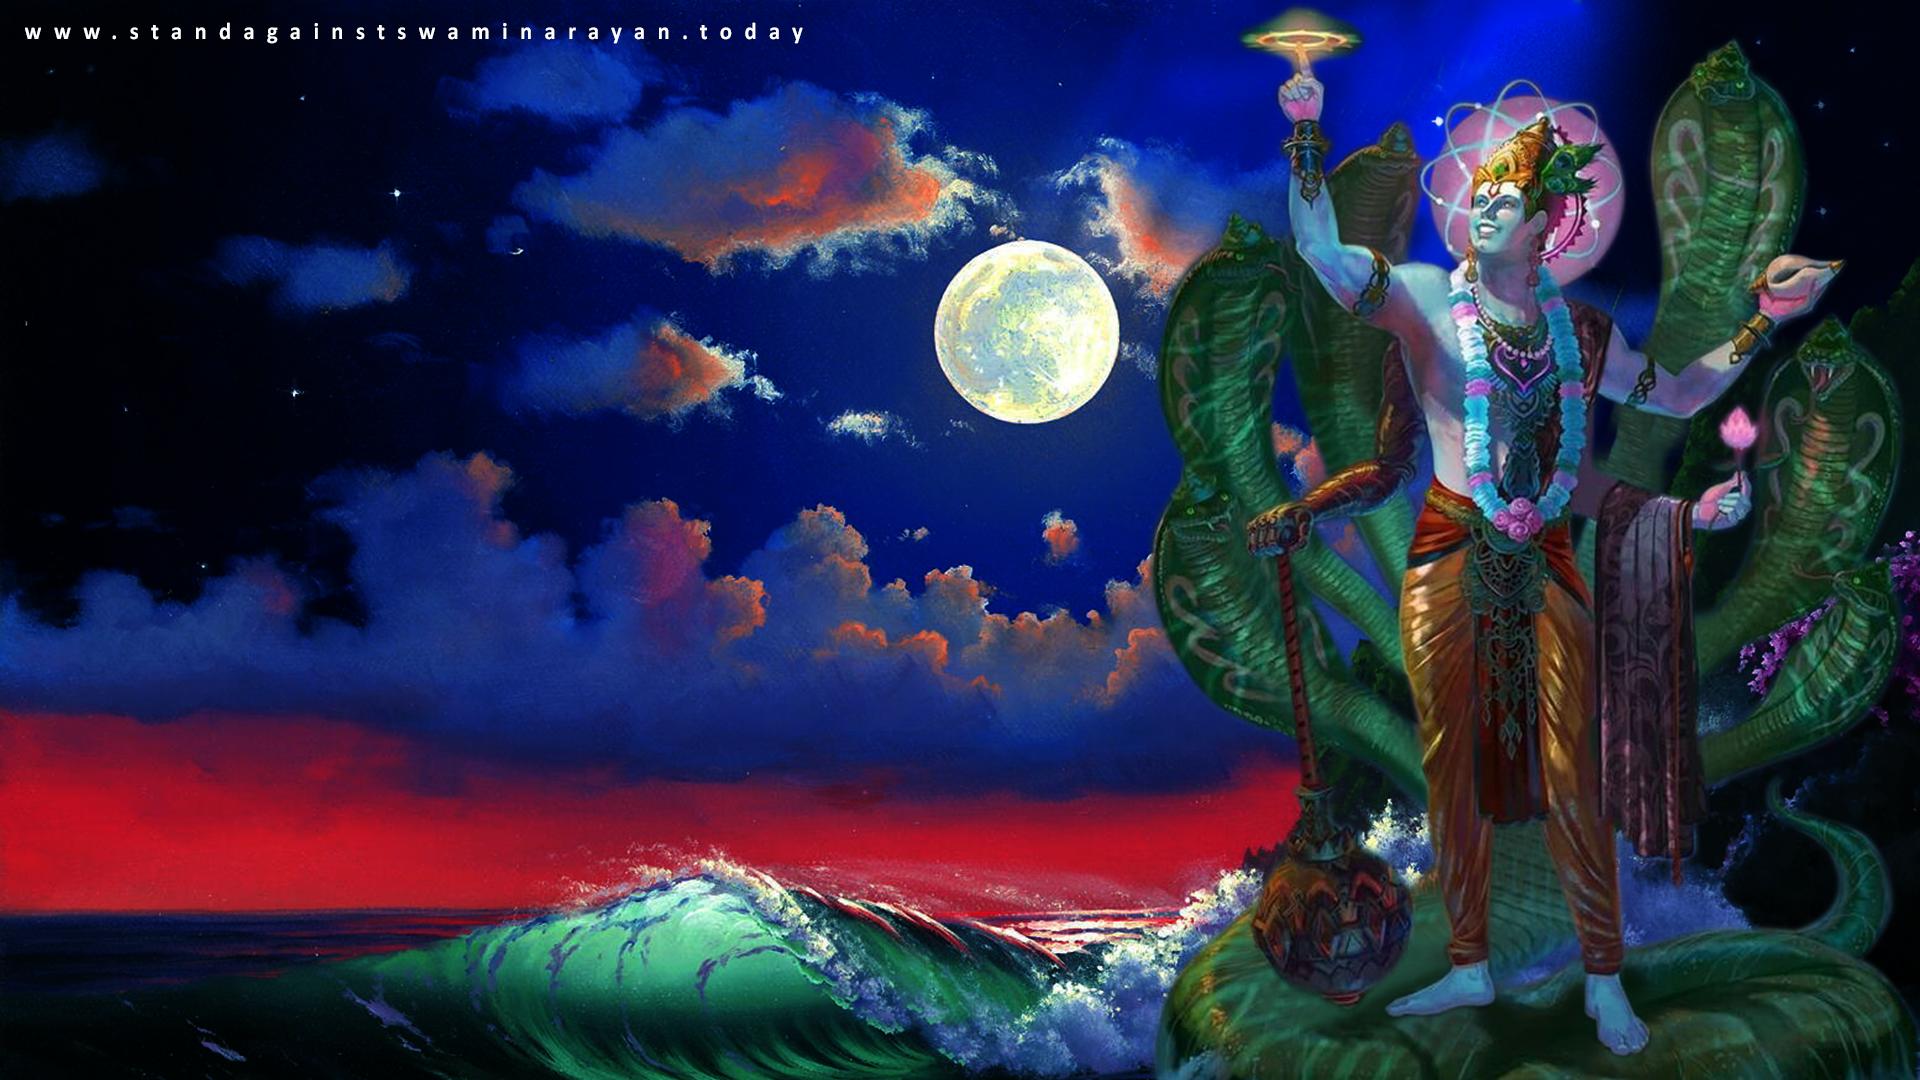 Vishnu SheshNag Wallpaper